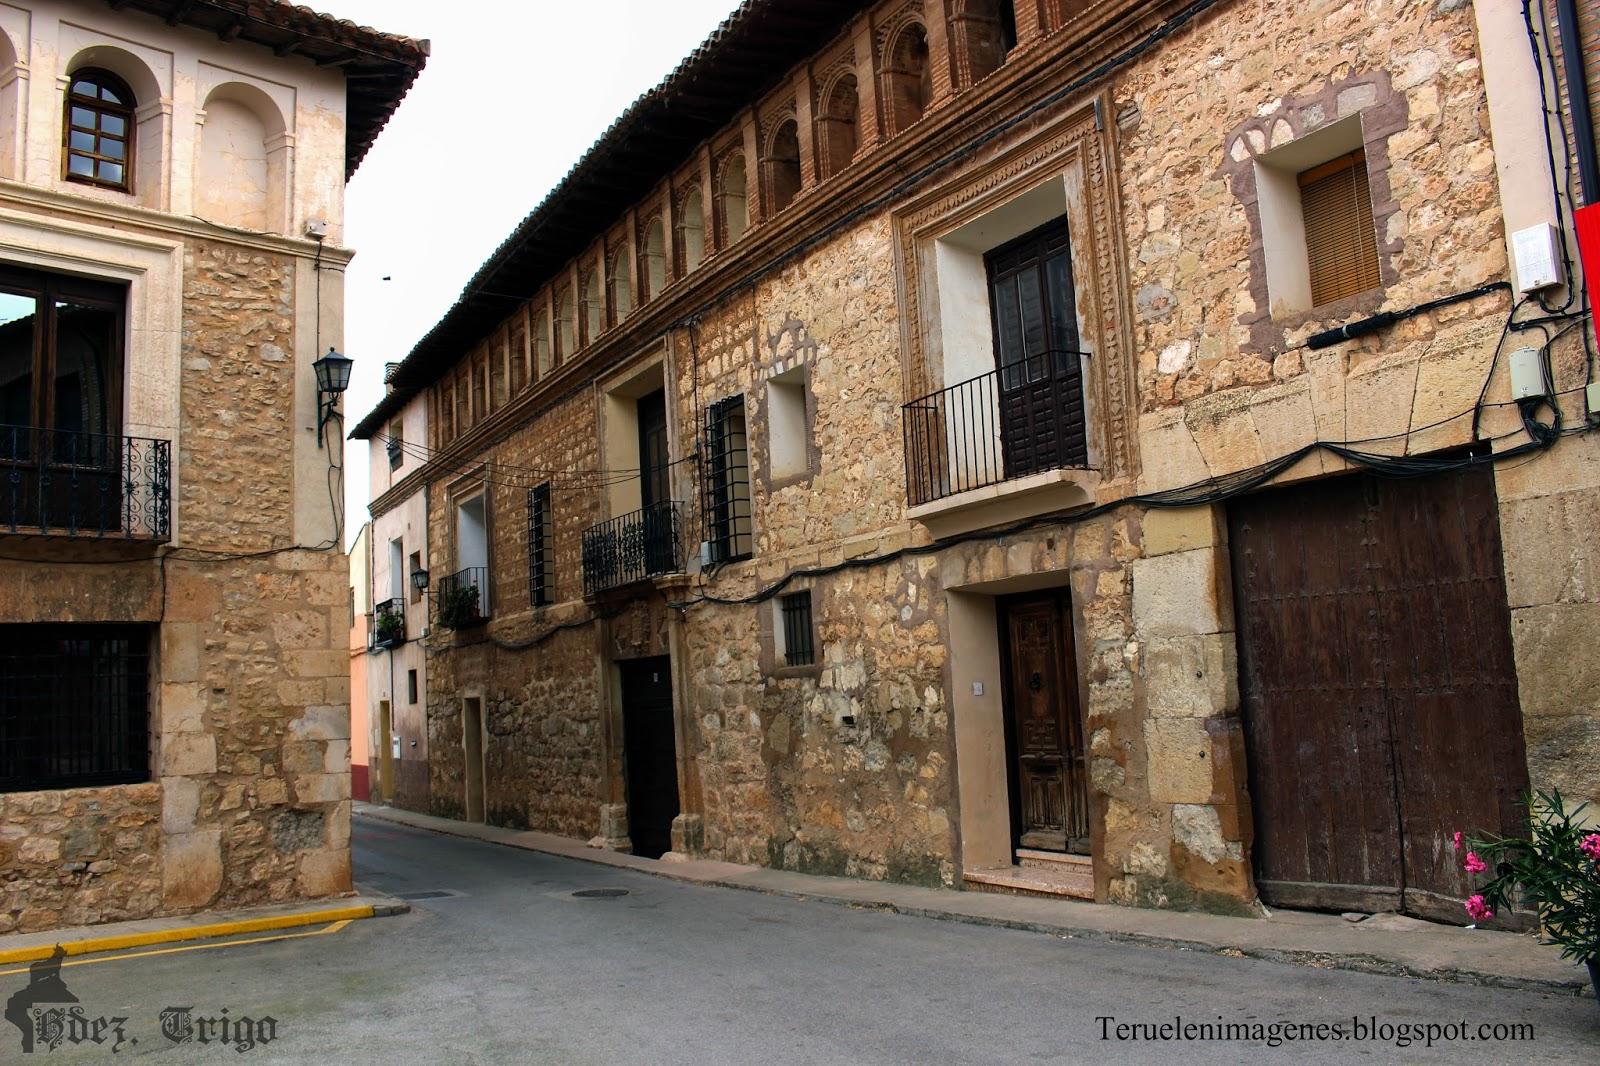 Teruel en Imagenes: Monreal del Campo -2-